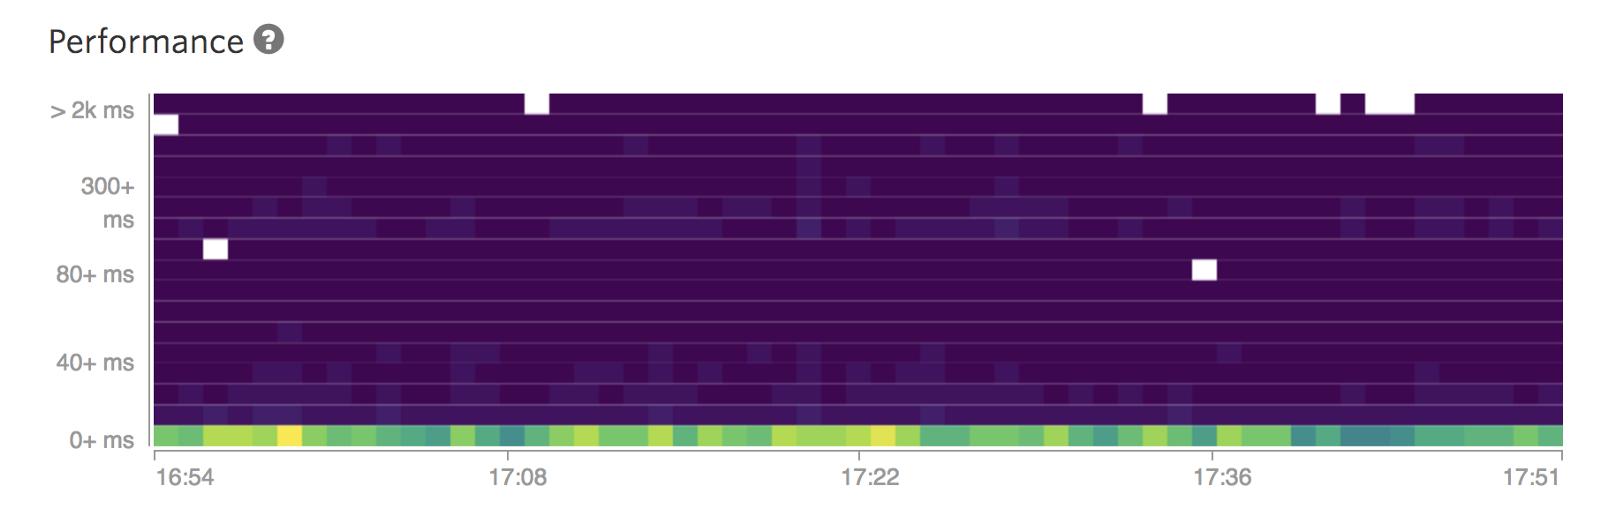 Performance heatmap